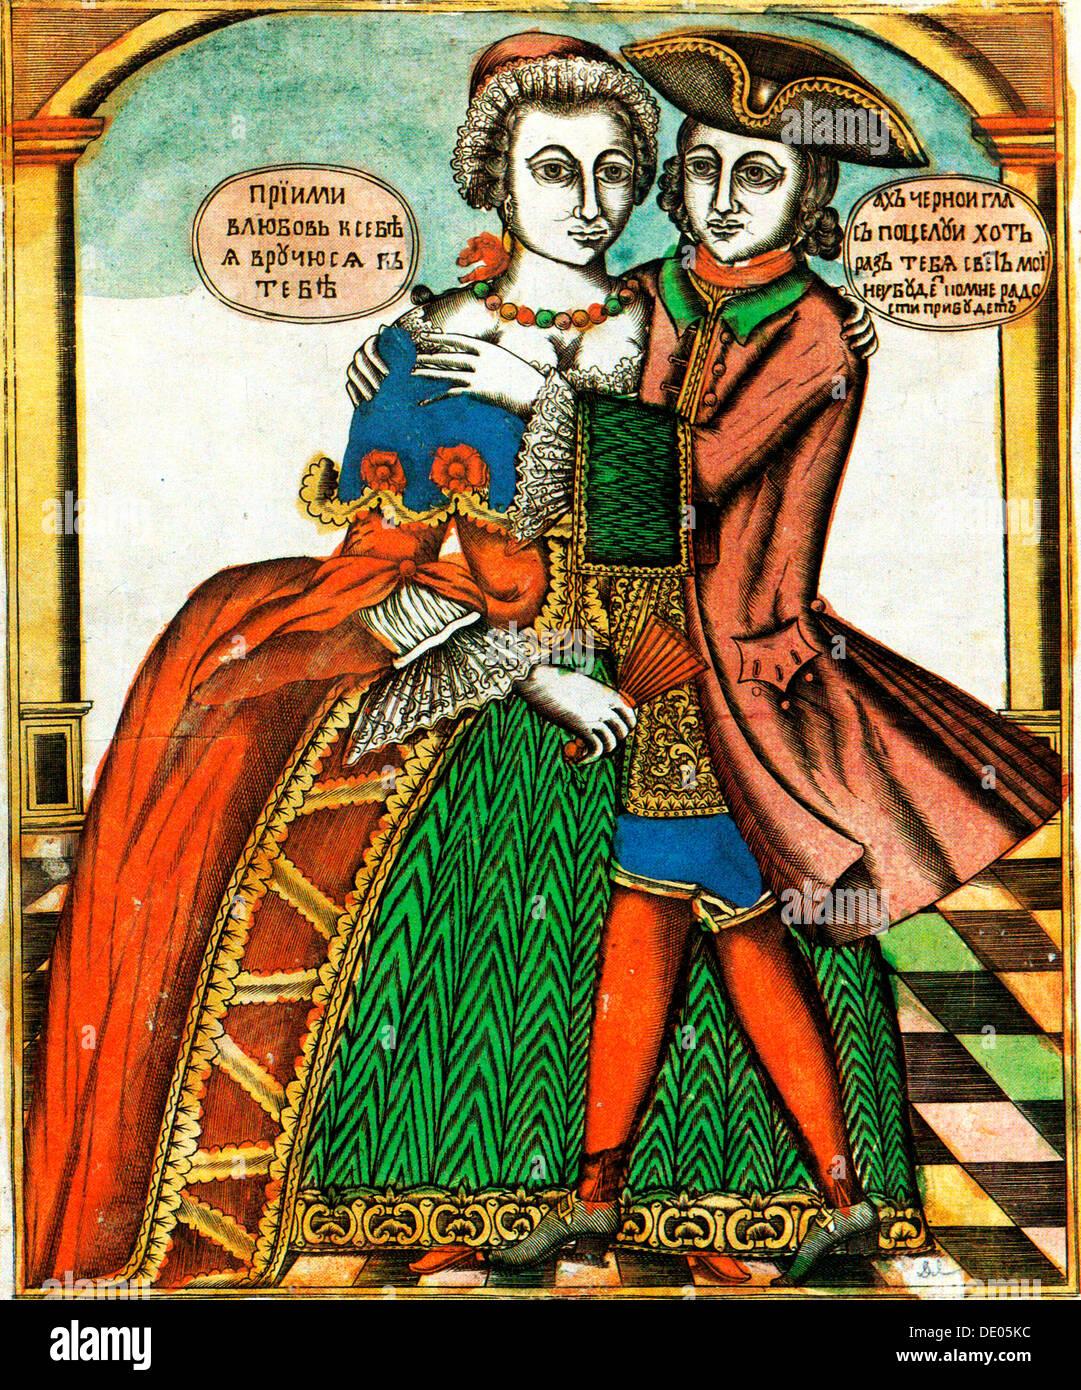 'Dark ojos', Lubok imprimir, de mediados del siglo XVIII. Imagen De Stock